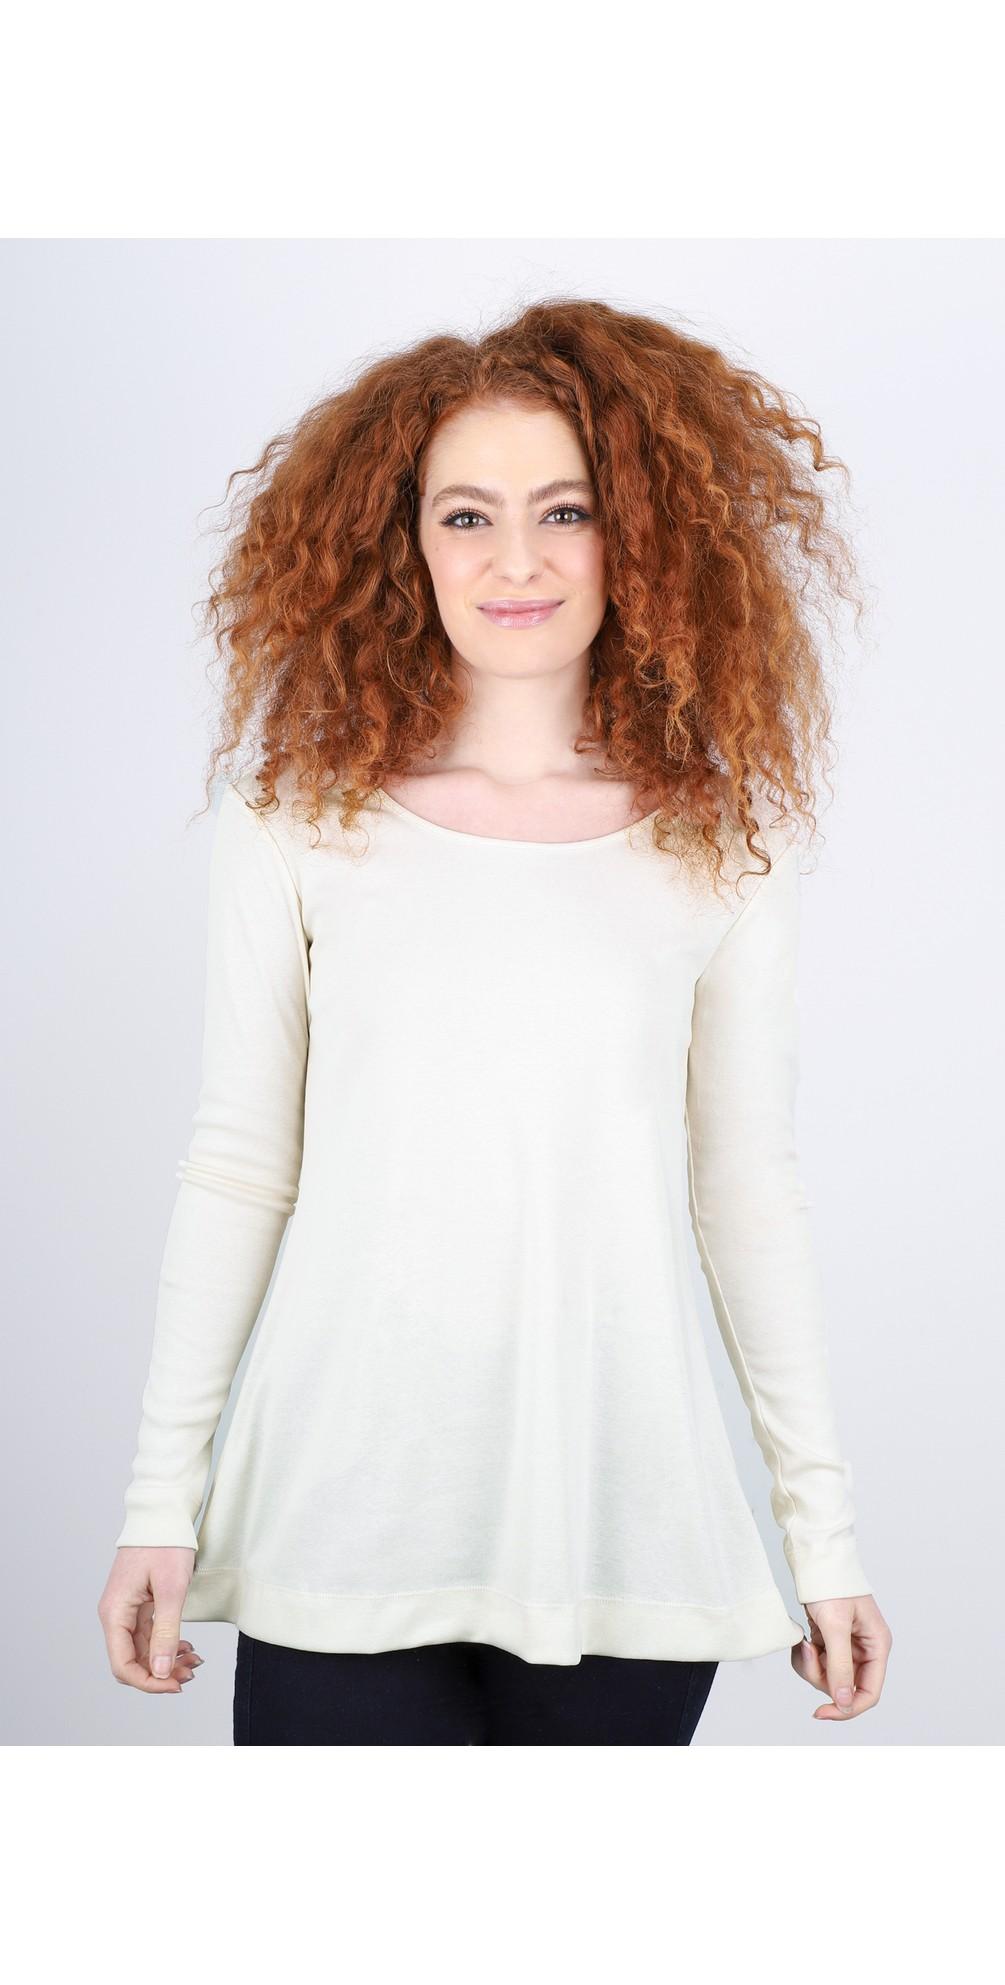 Anya Round Neck Organic Cotton Top main image